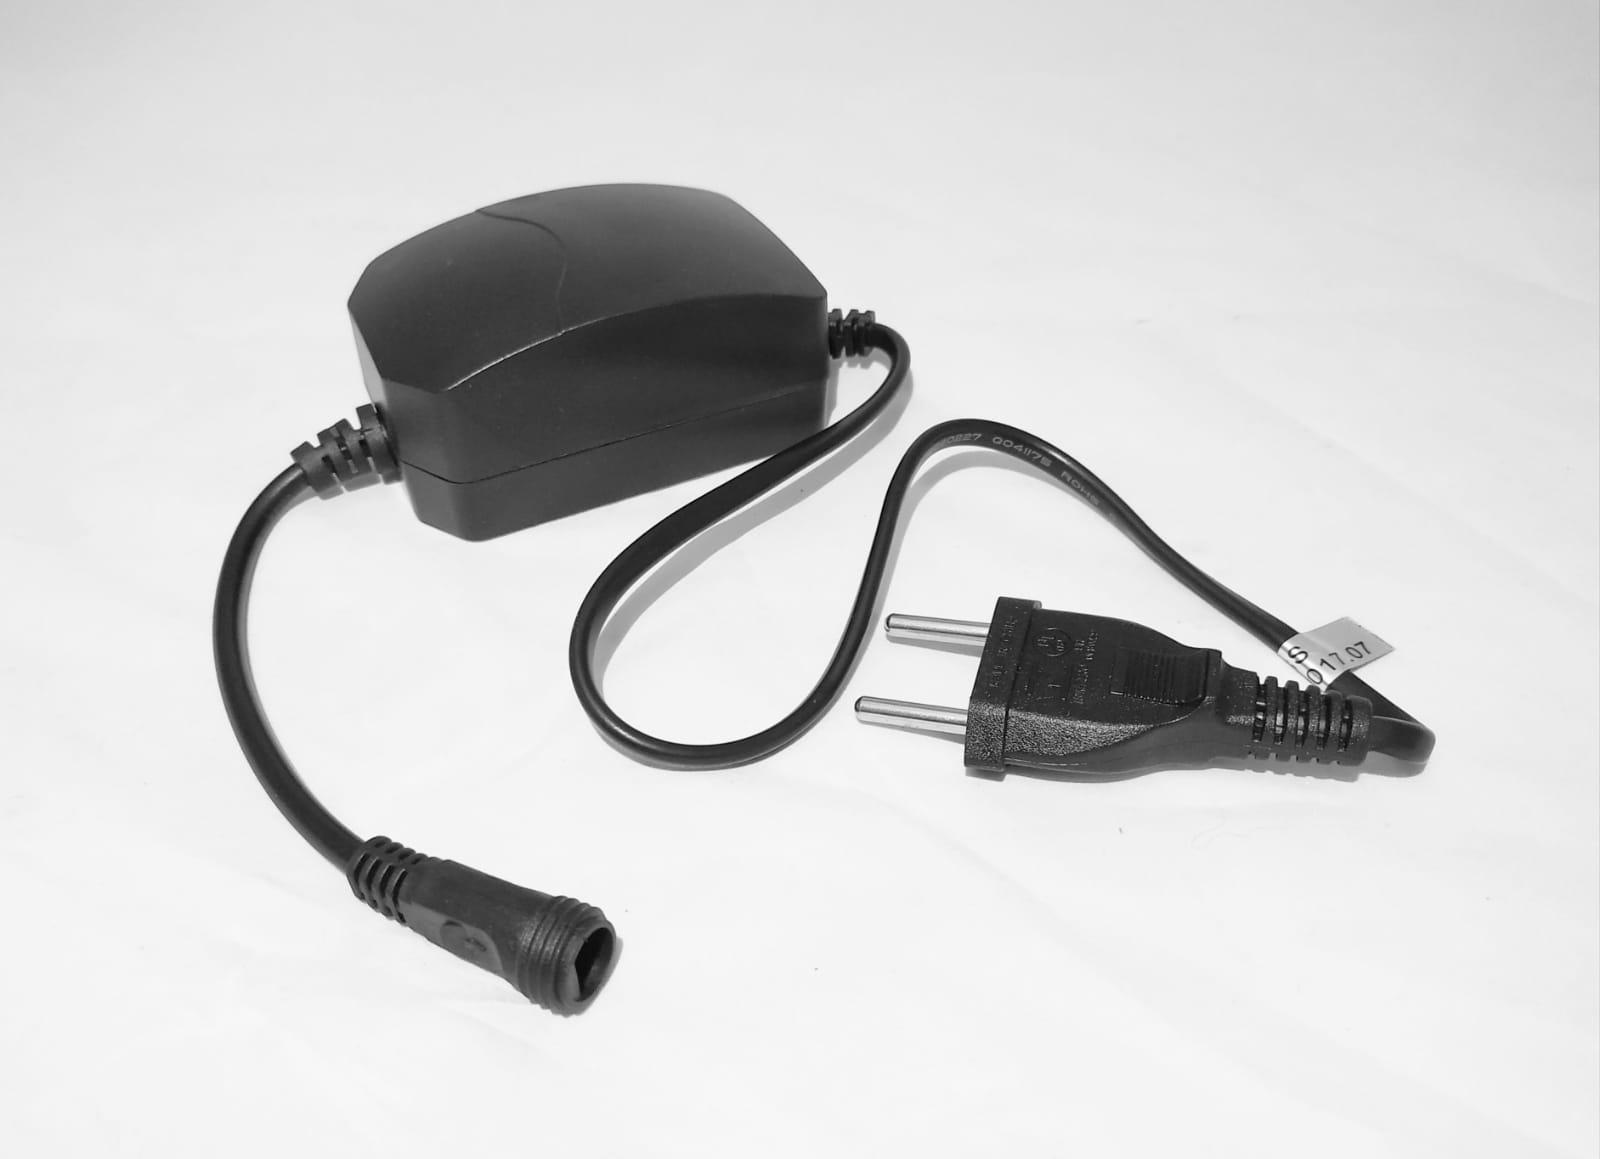 Reator Hopar para Filtro UV 611 9w 11w  - FISHPET Comércio de Acessórios para Animais Ltda.